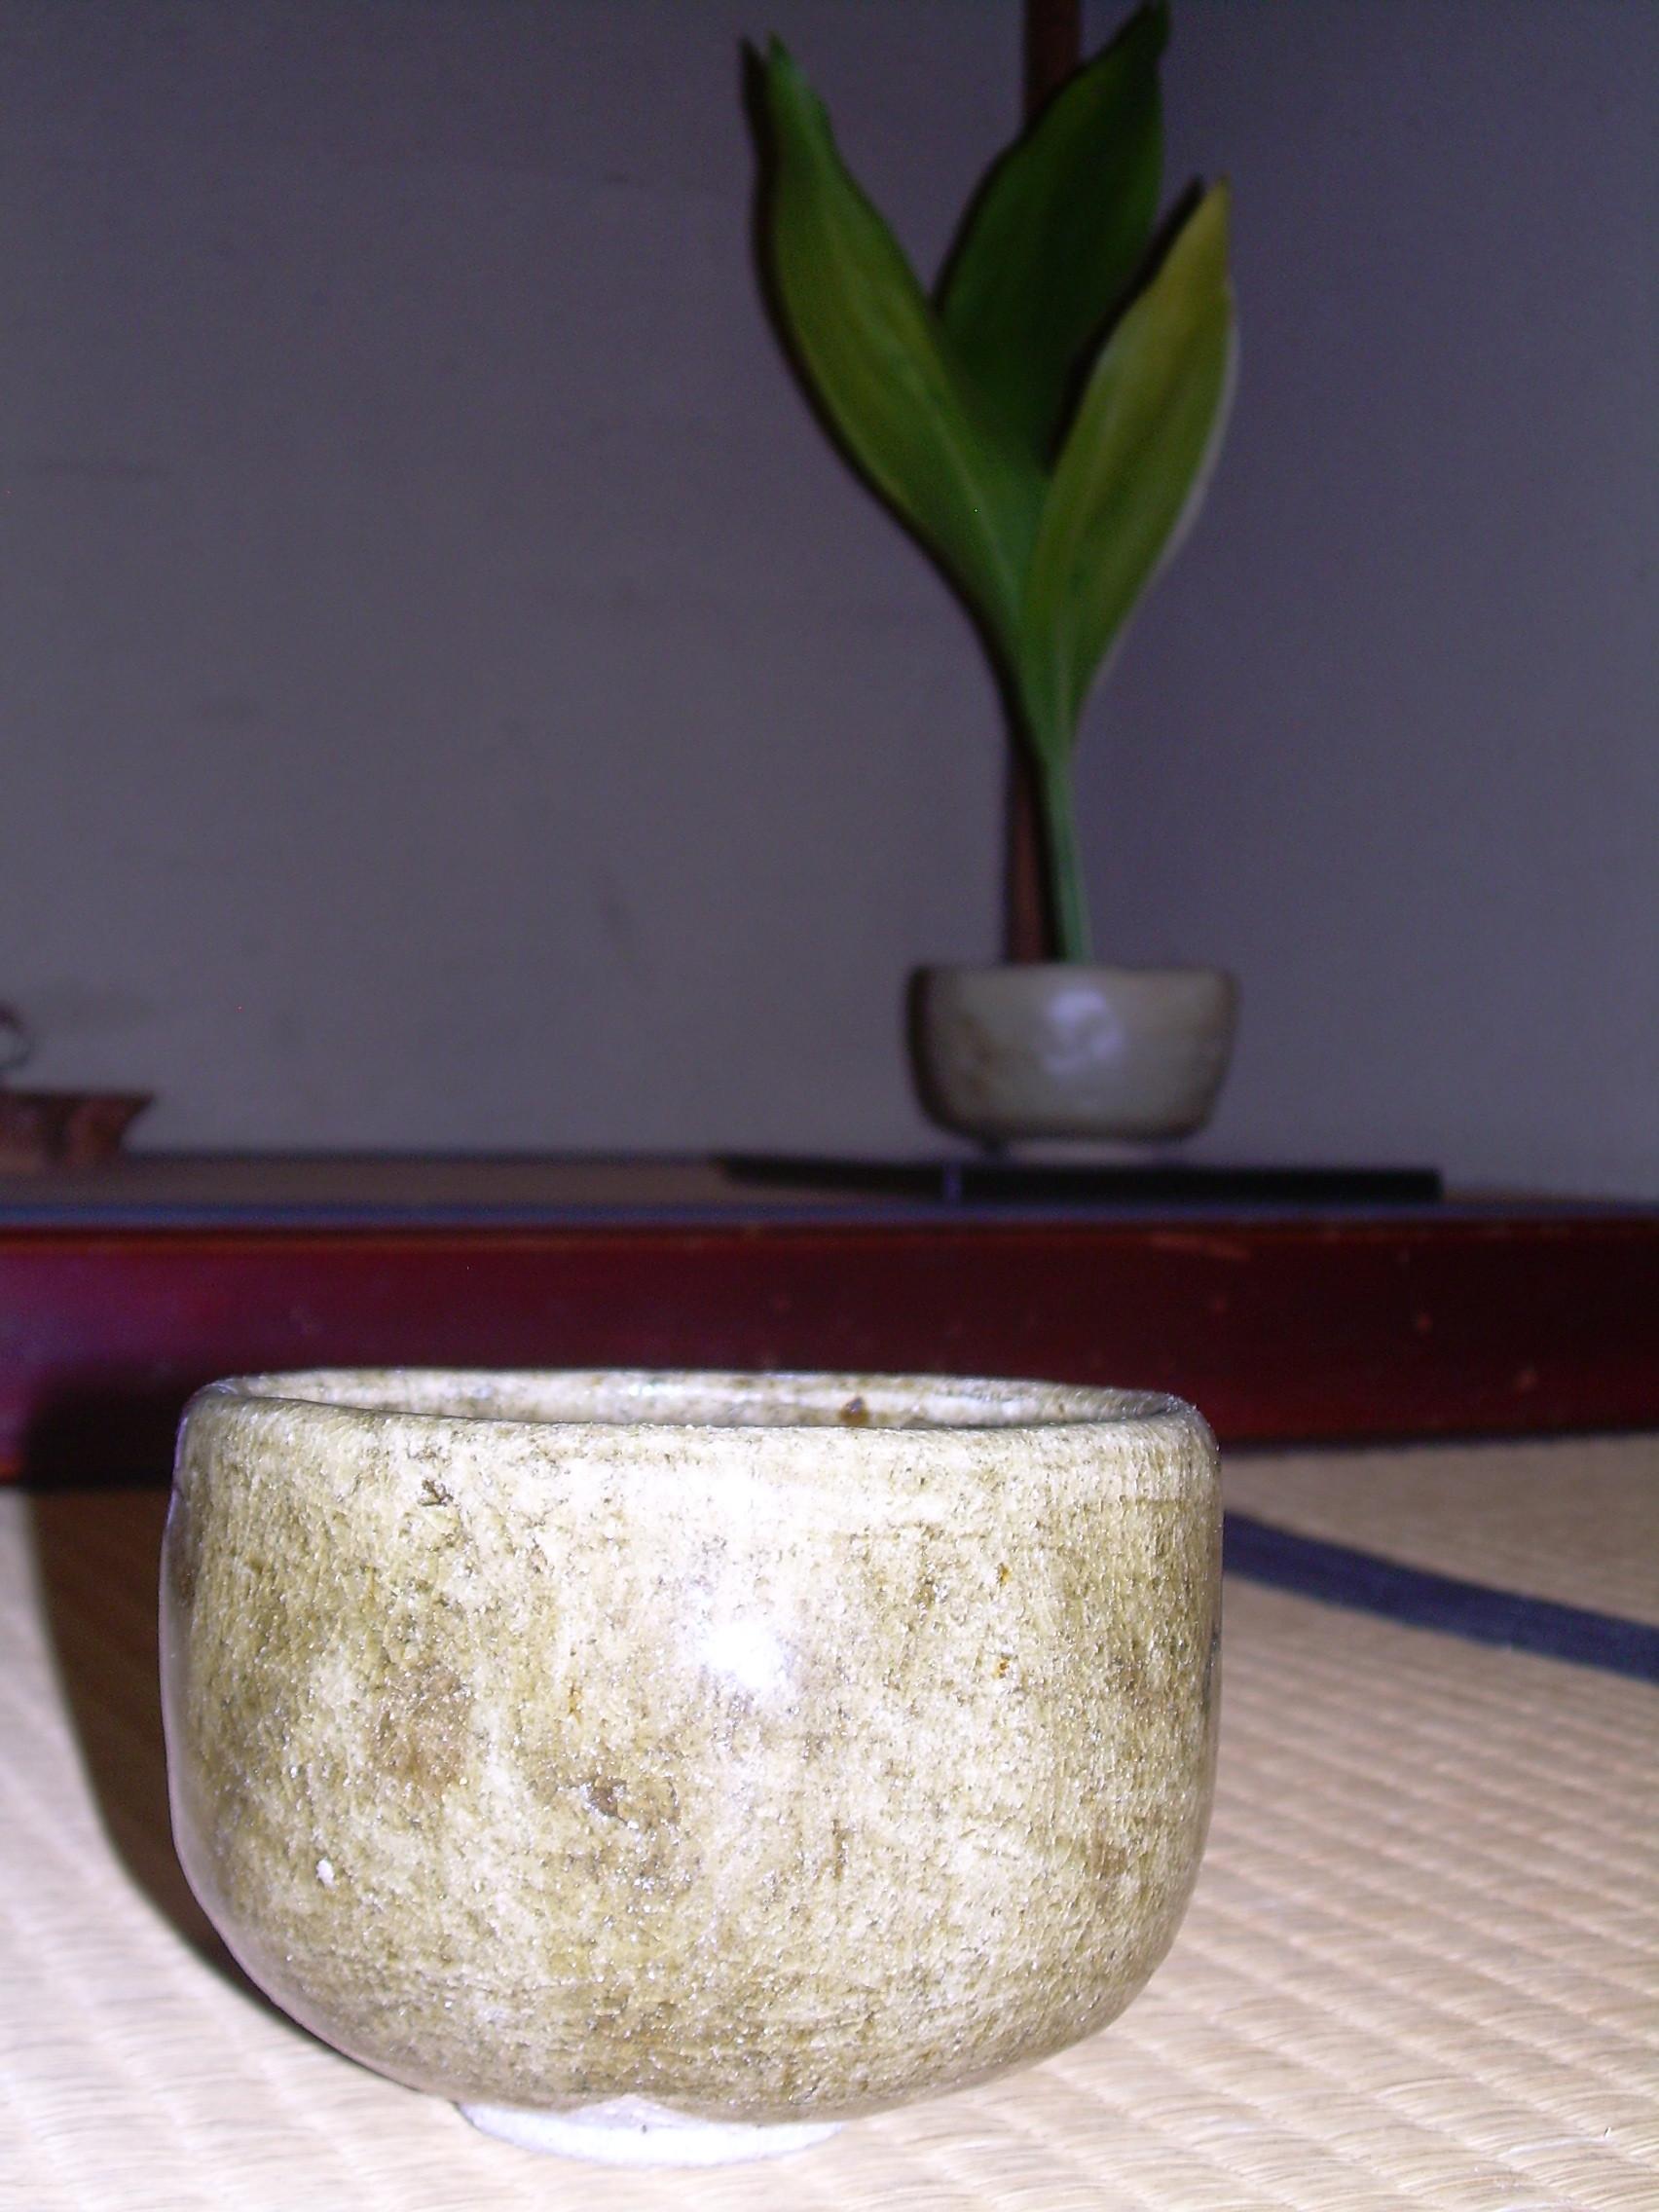 横井さんの茶器、南方庵床の間